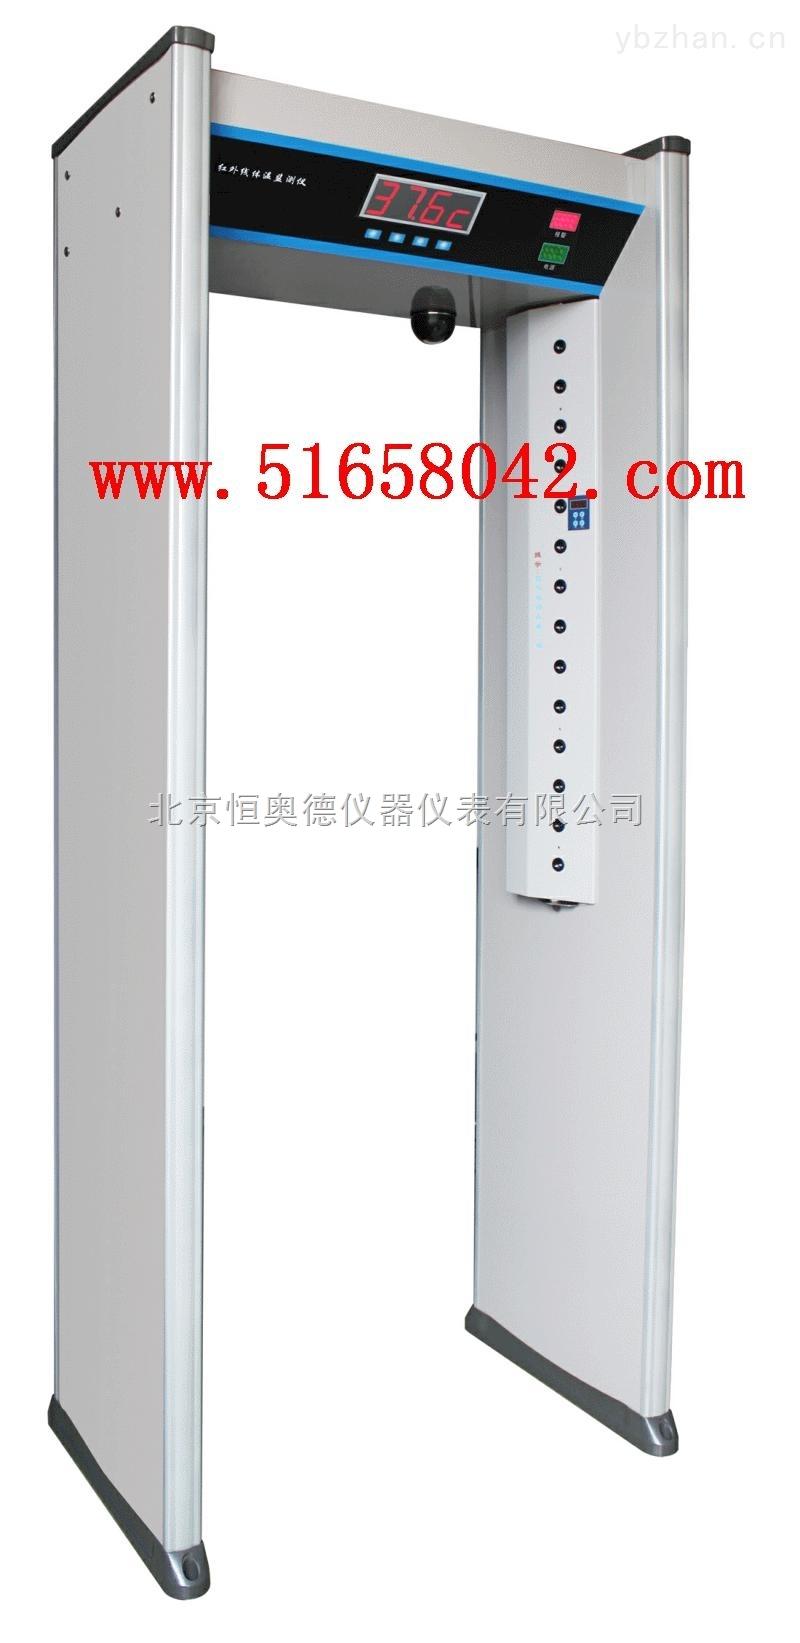 门式多探头测温仪 HD-TZD-CW-G03A-C